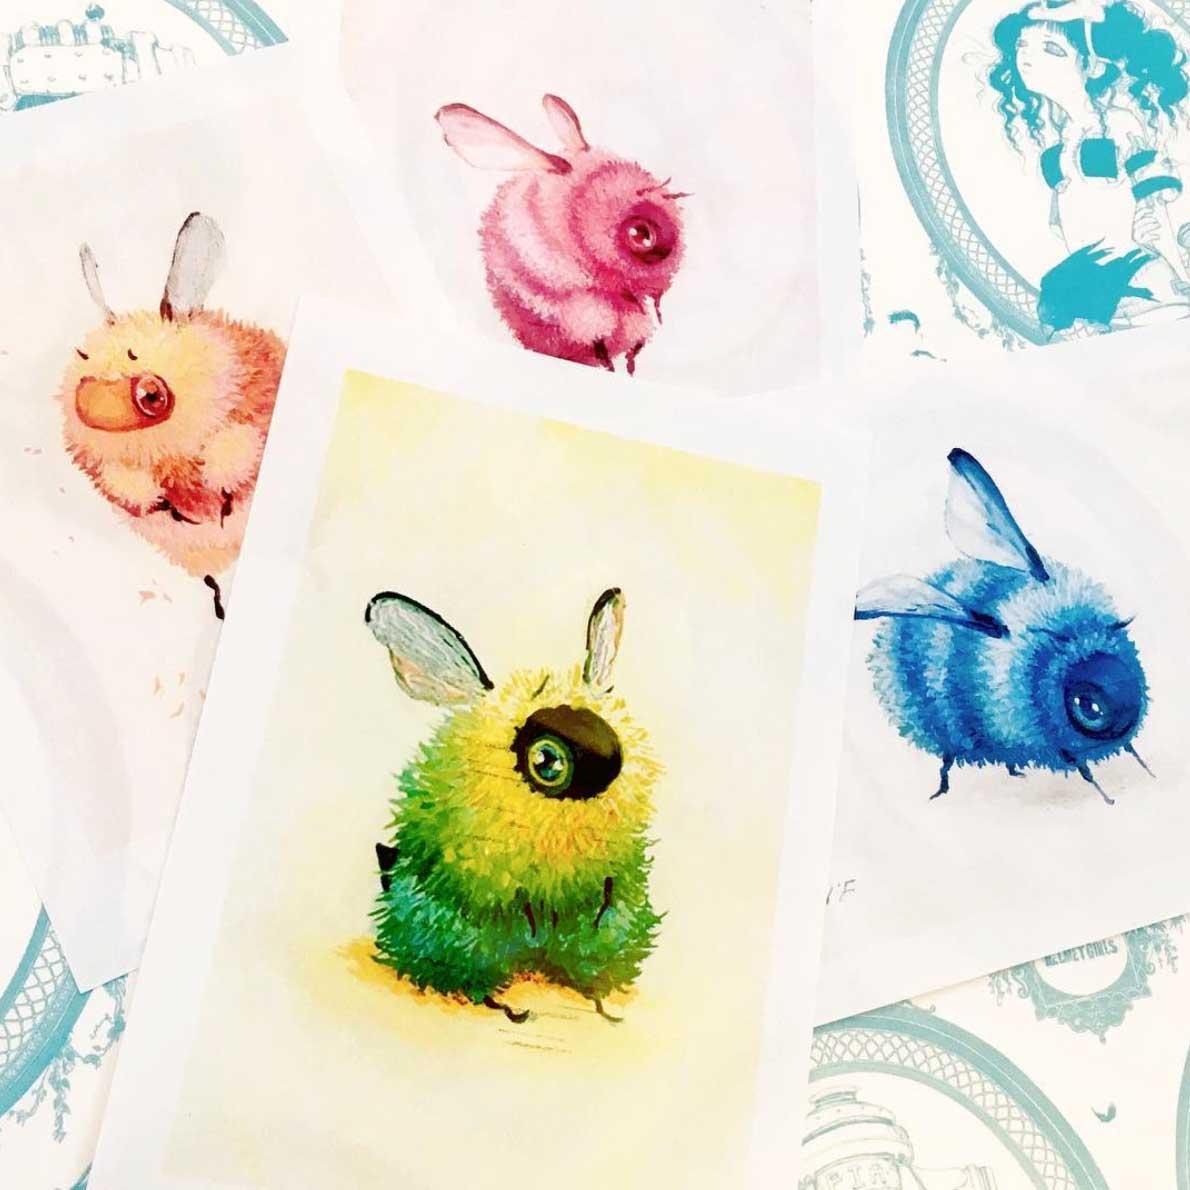 Als Bienen gemalte Popkulturfiguren popkulturbienen-von-Camilla-dErrico_12